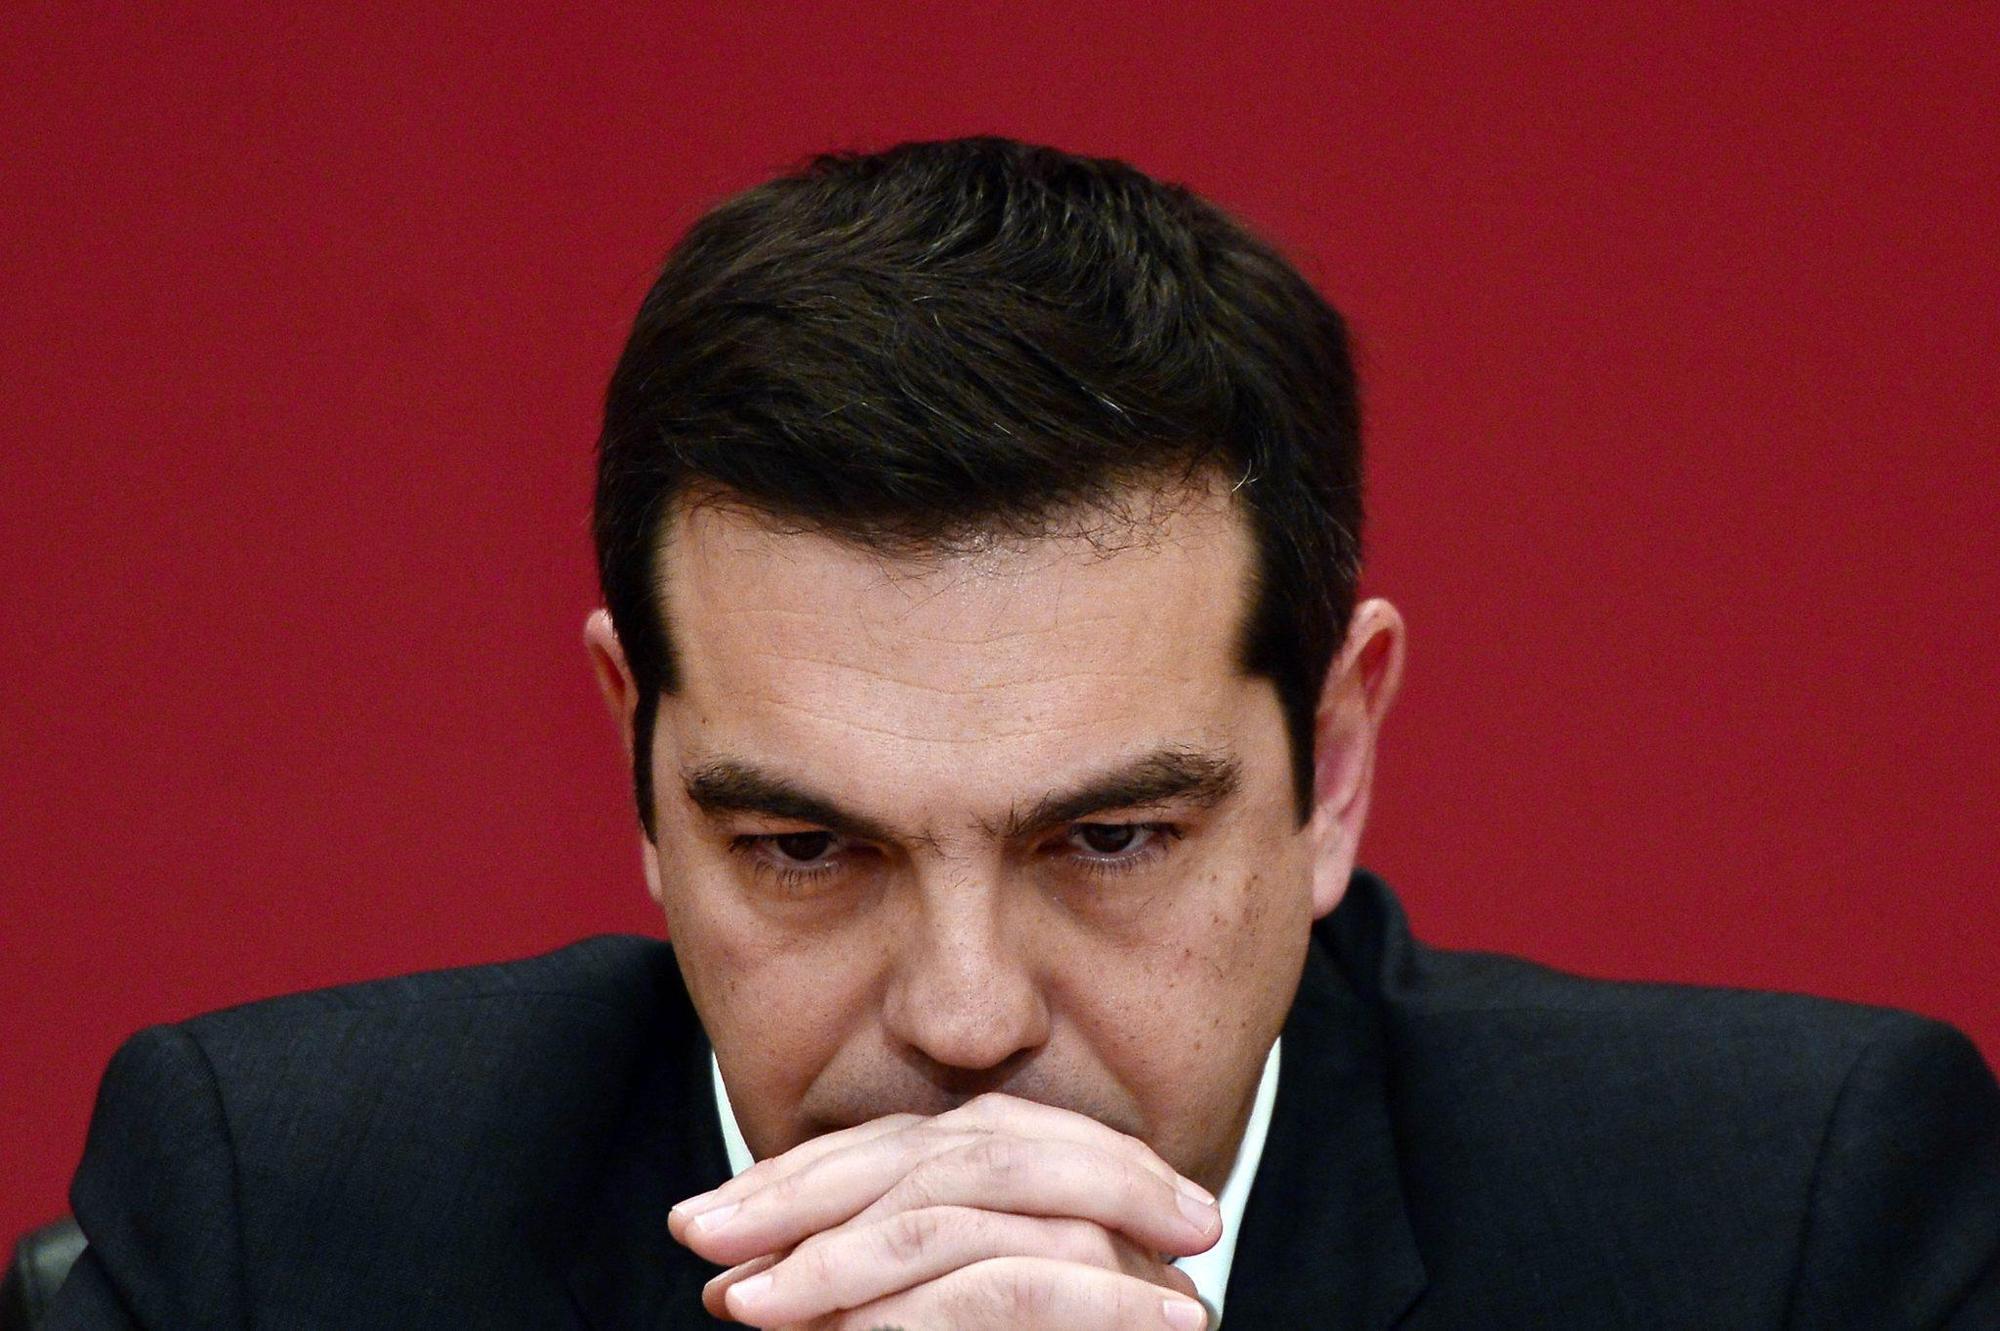 Αλέξης Τσίπρας. Ετών 42. Πρωθυπουργός